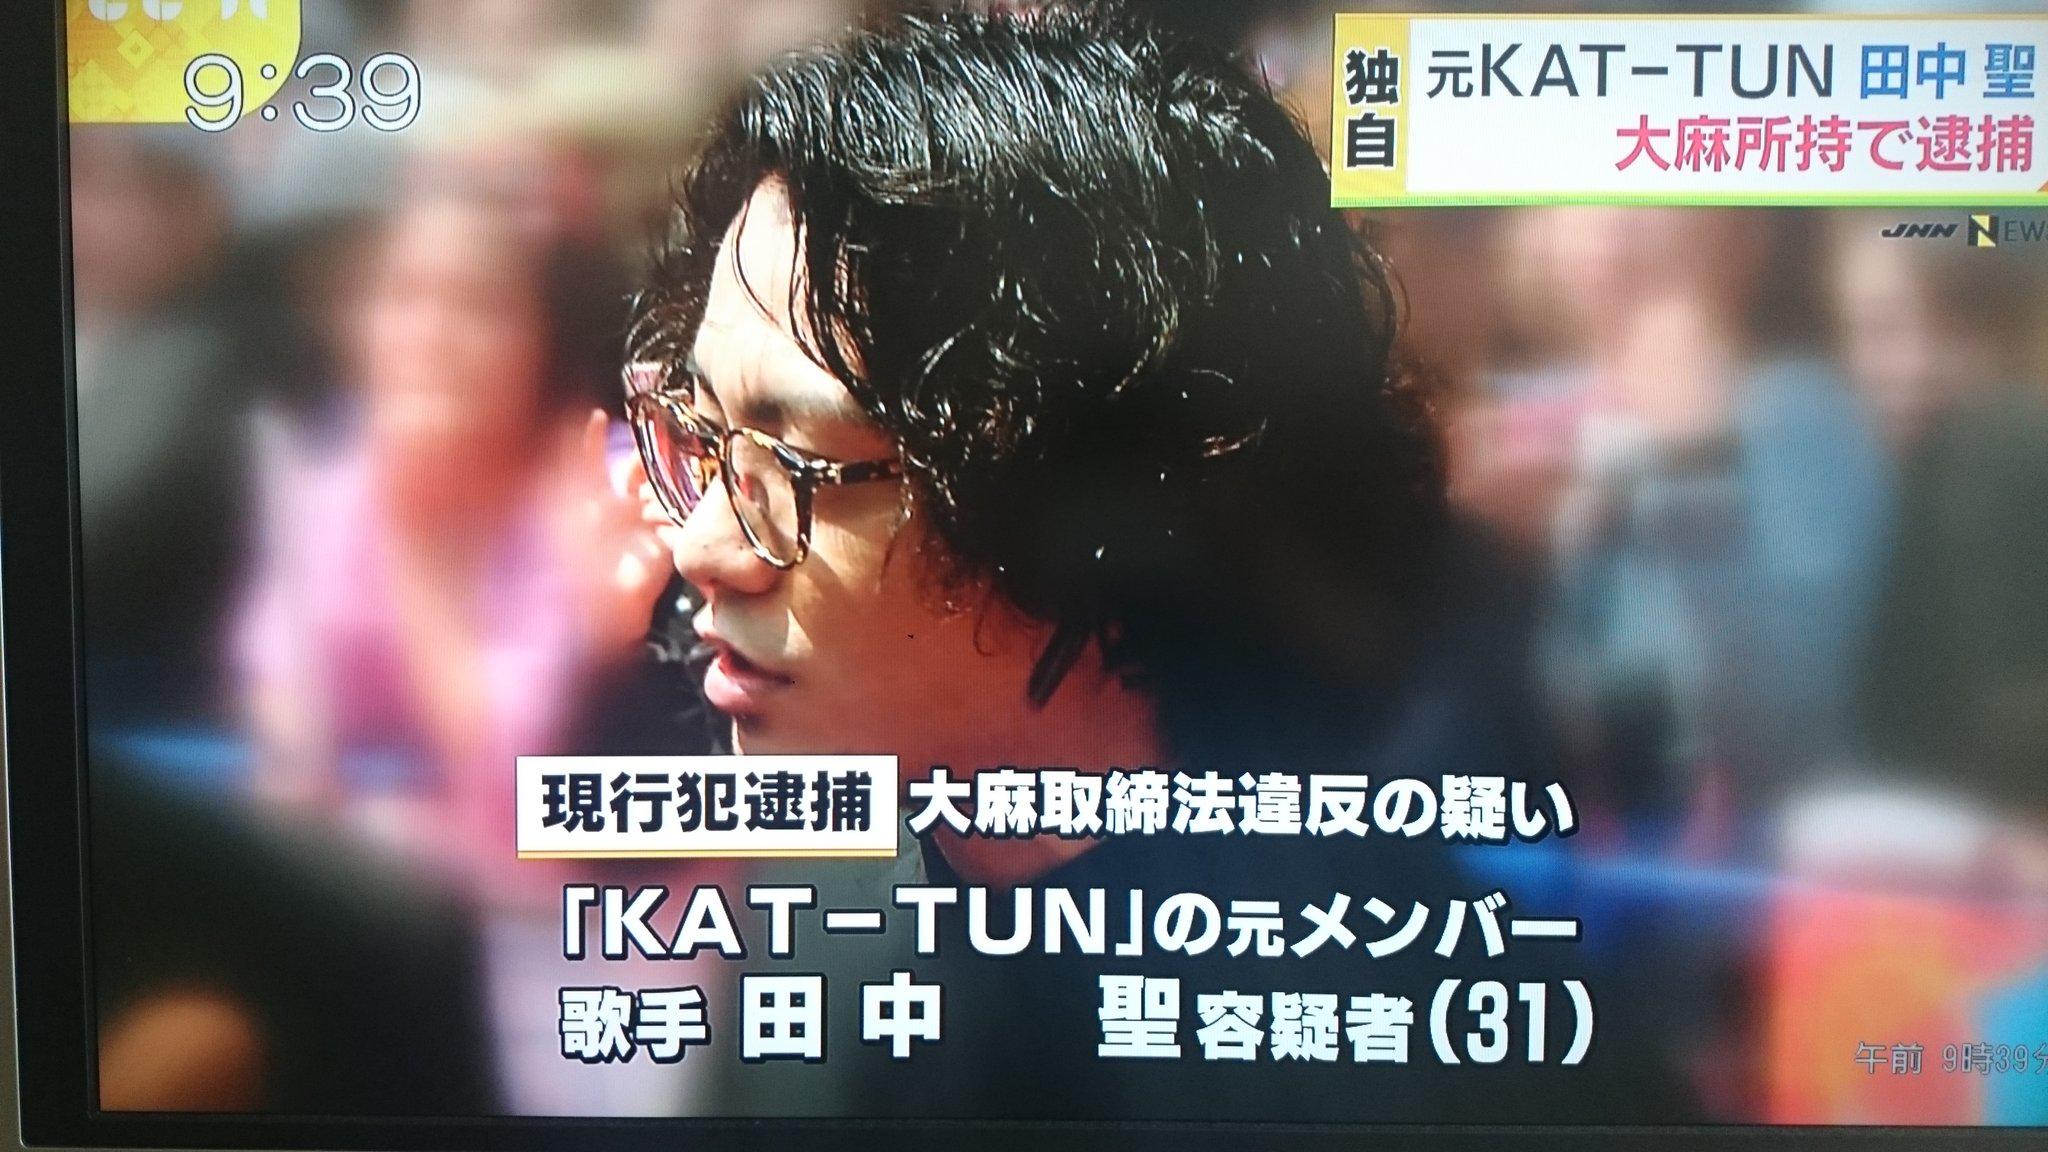 田中聖 大麻所持で逮捕 ぇ━(*´・д・)━!!!